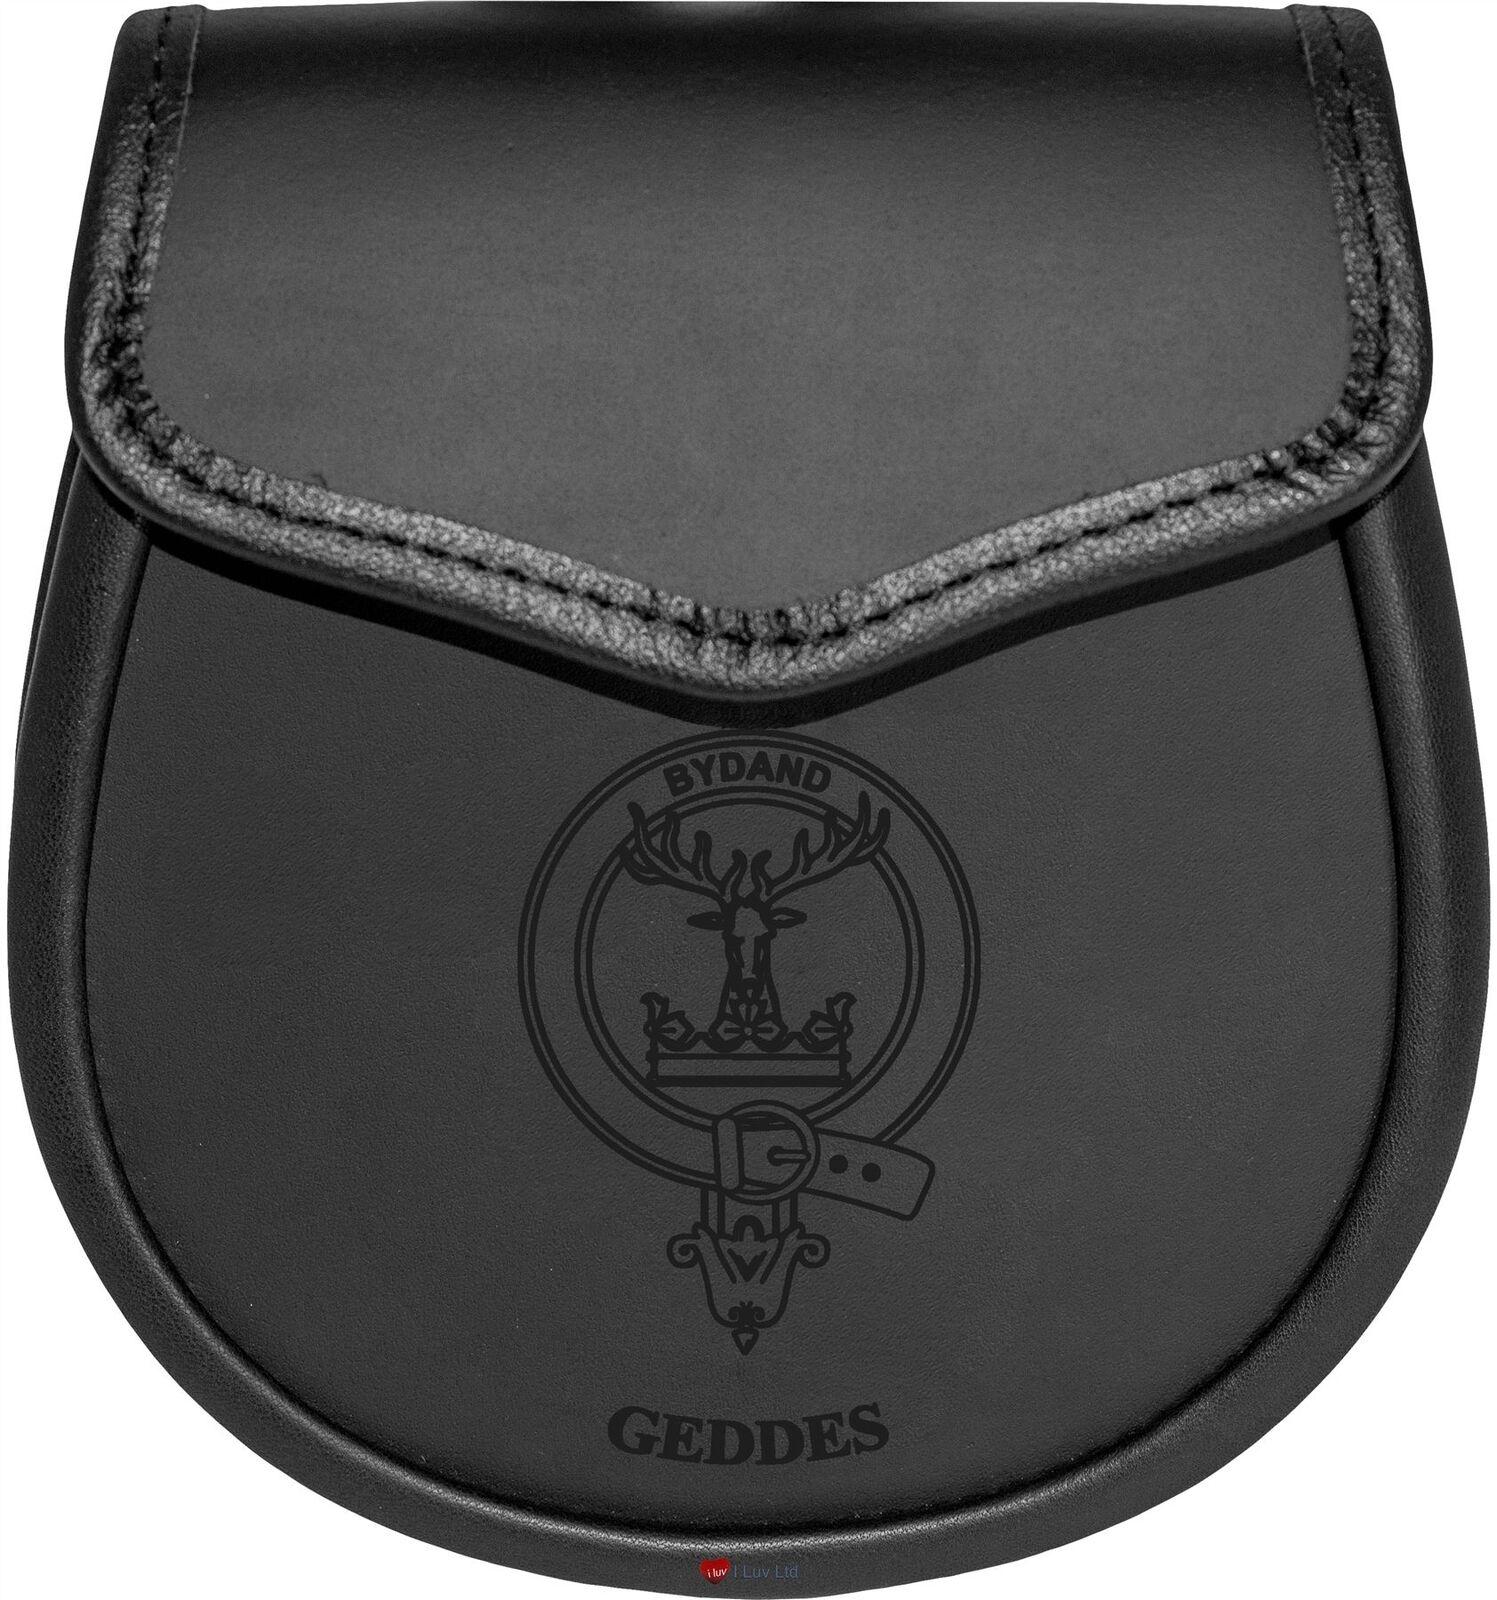 Geddes Leather Day Sporran Scottish Clan Crest